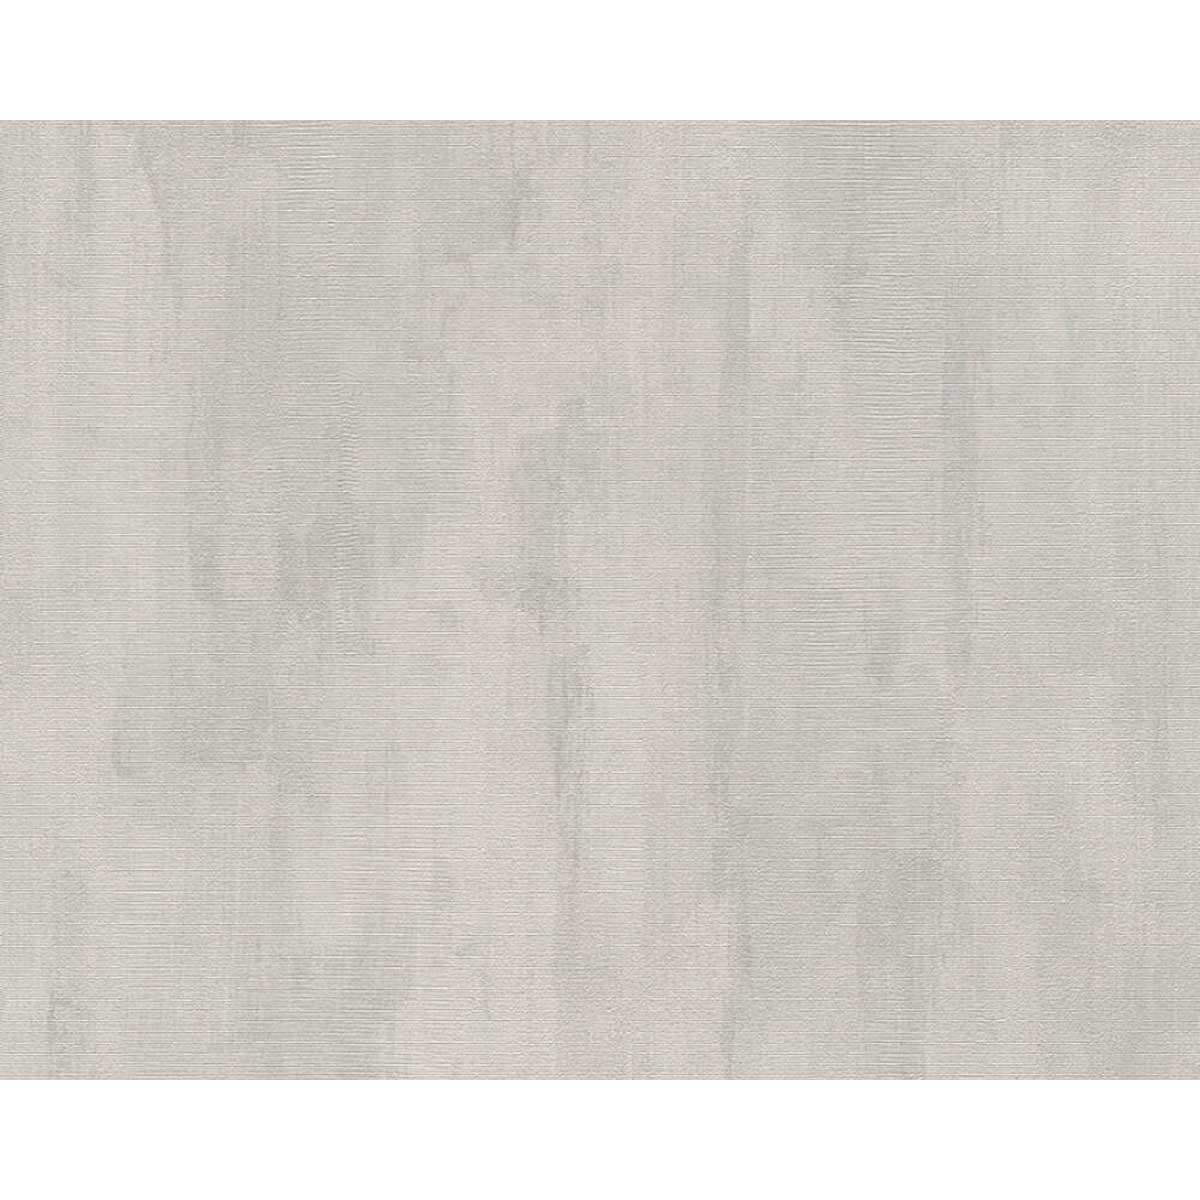 Papier peint uni effet marbré et délavé - Gris - 10 ml x 0,53 m